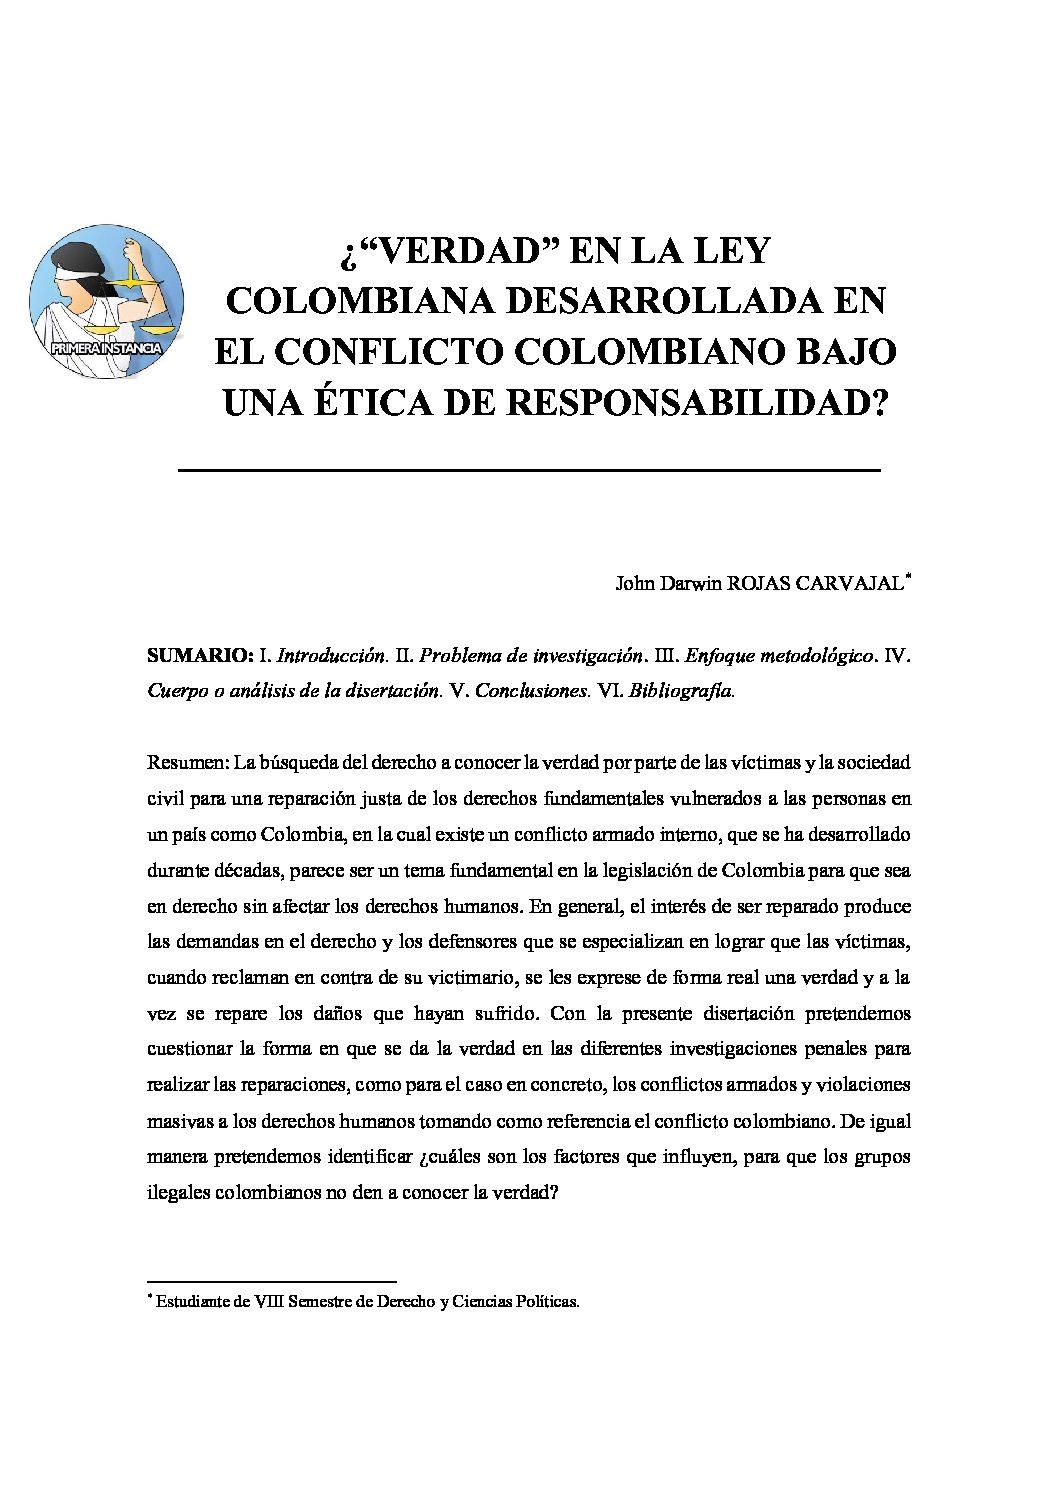 VERDAD EN LA LEY COLOMBIANA DESARROLLADA EN EL CONFLICTO COLOMBIANO BAJO UNA ÉTICA DE RESPONSABILIDAD, John Darwin Rojas Carvajal